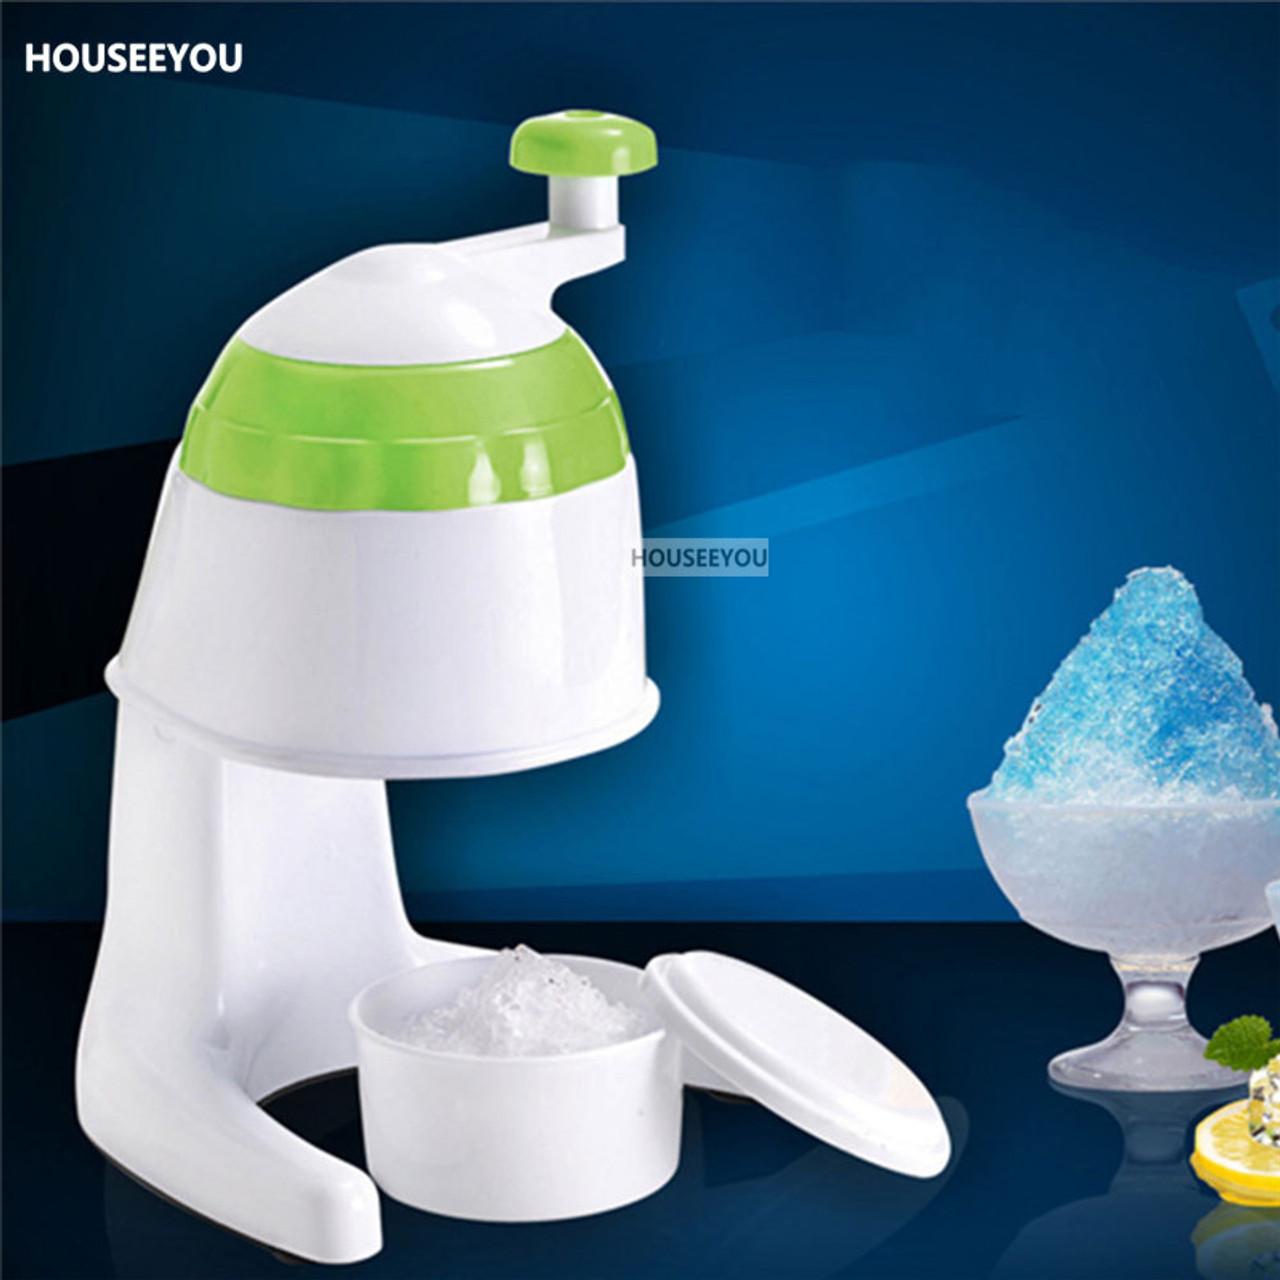 Diy Hand Crank Ice Crusher Shaver Smoothies Machine Manual Water Ice Maker Freezer Drink Slushy Maker Blender Cocktail Maker Onshopdeals Com